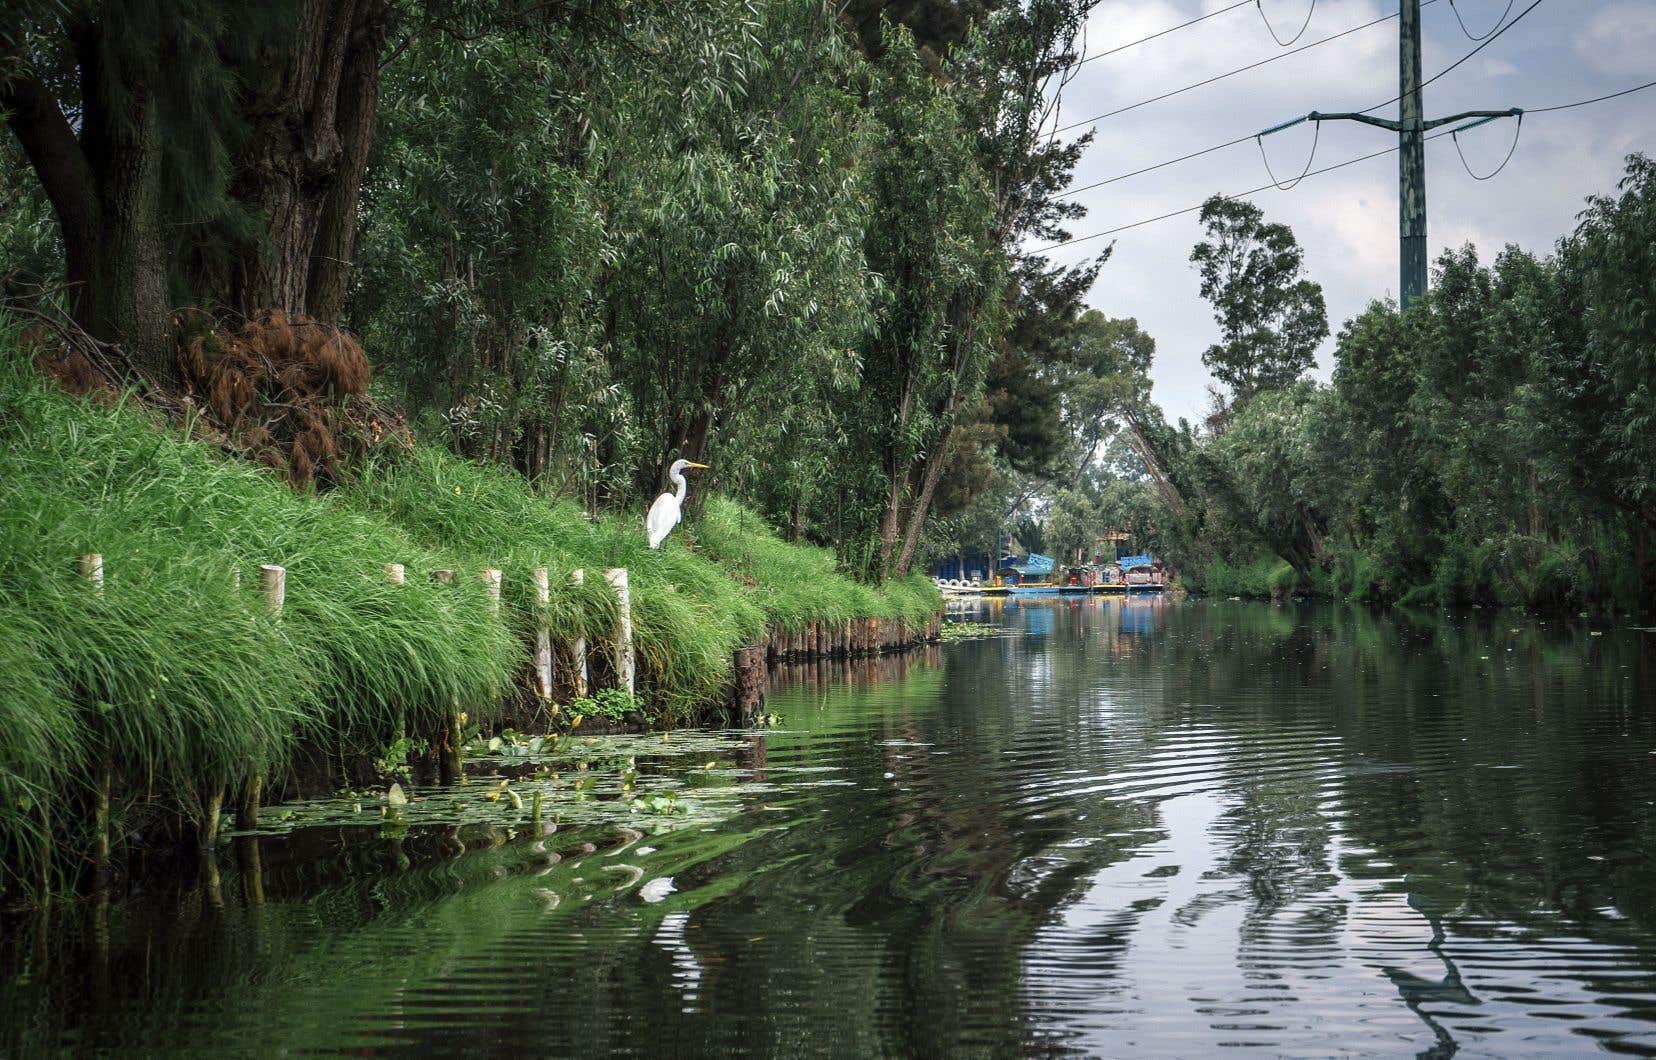 Si l'étendue d'eau de Xochimilco venait à disparaître, la ville de Mexico perdrait une précieuse protection contre les changements climatiques.